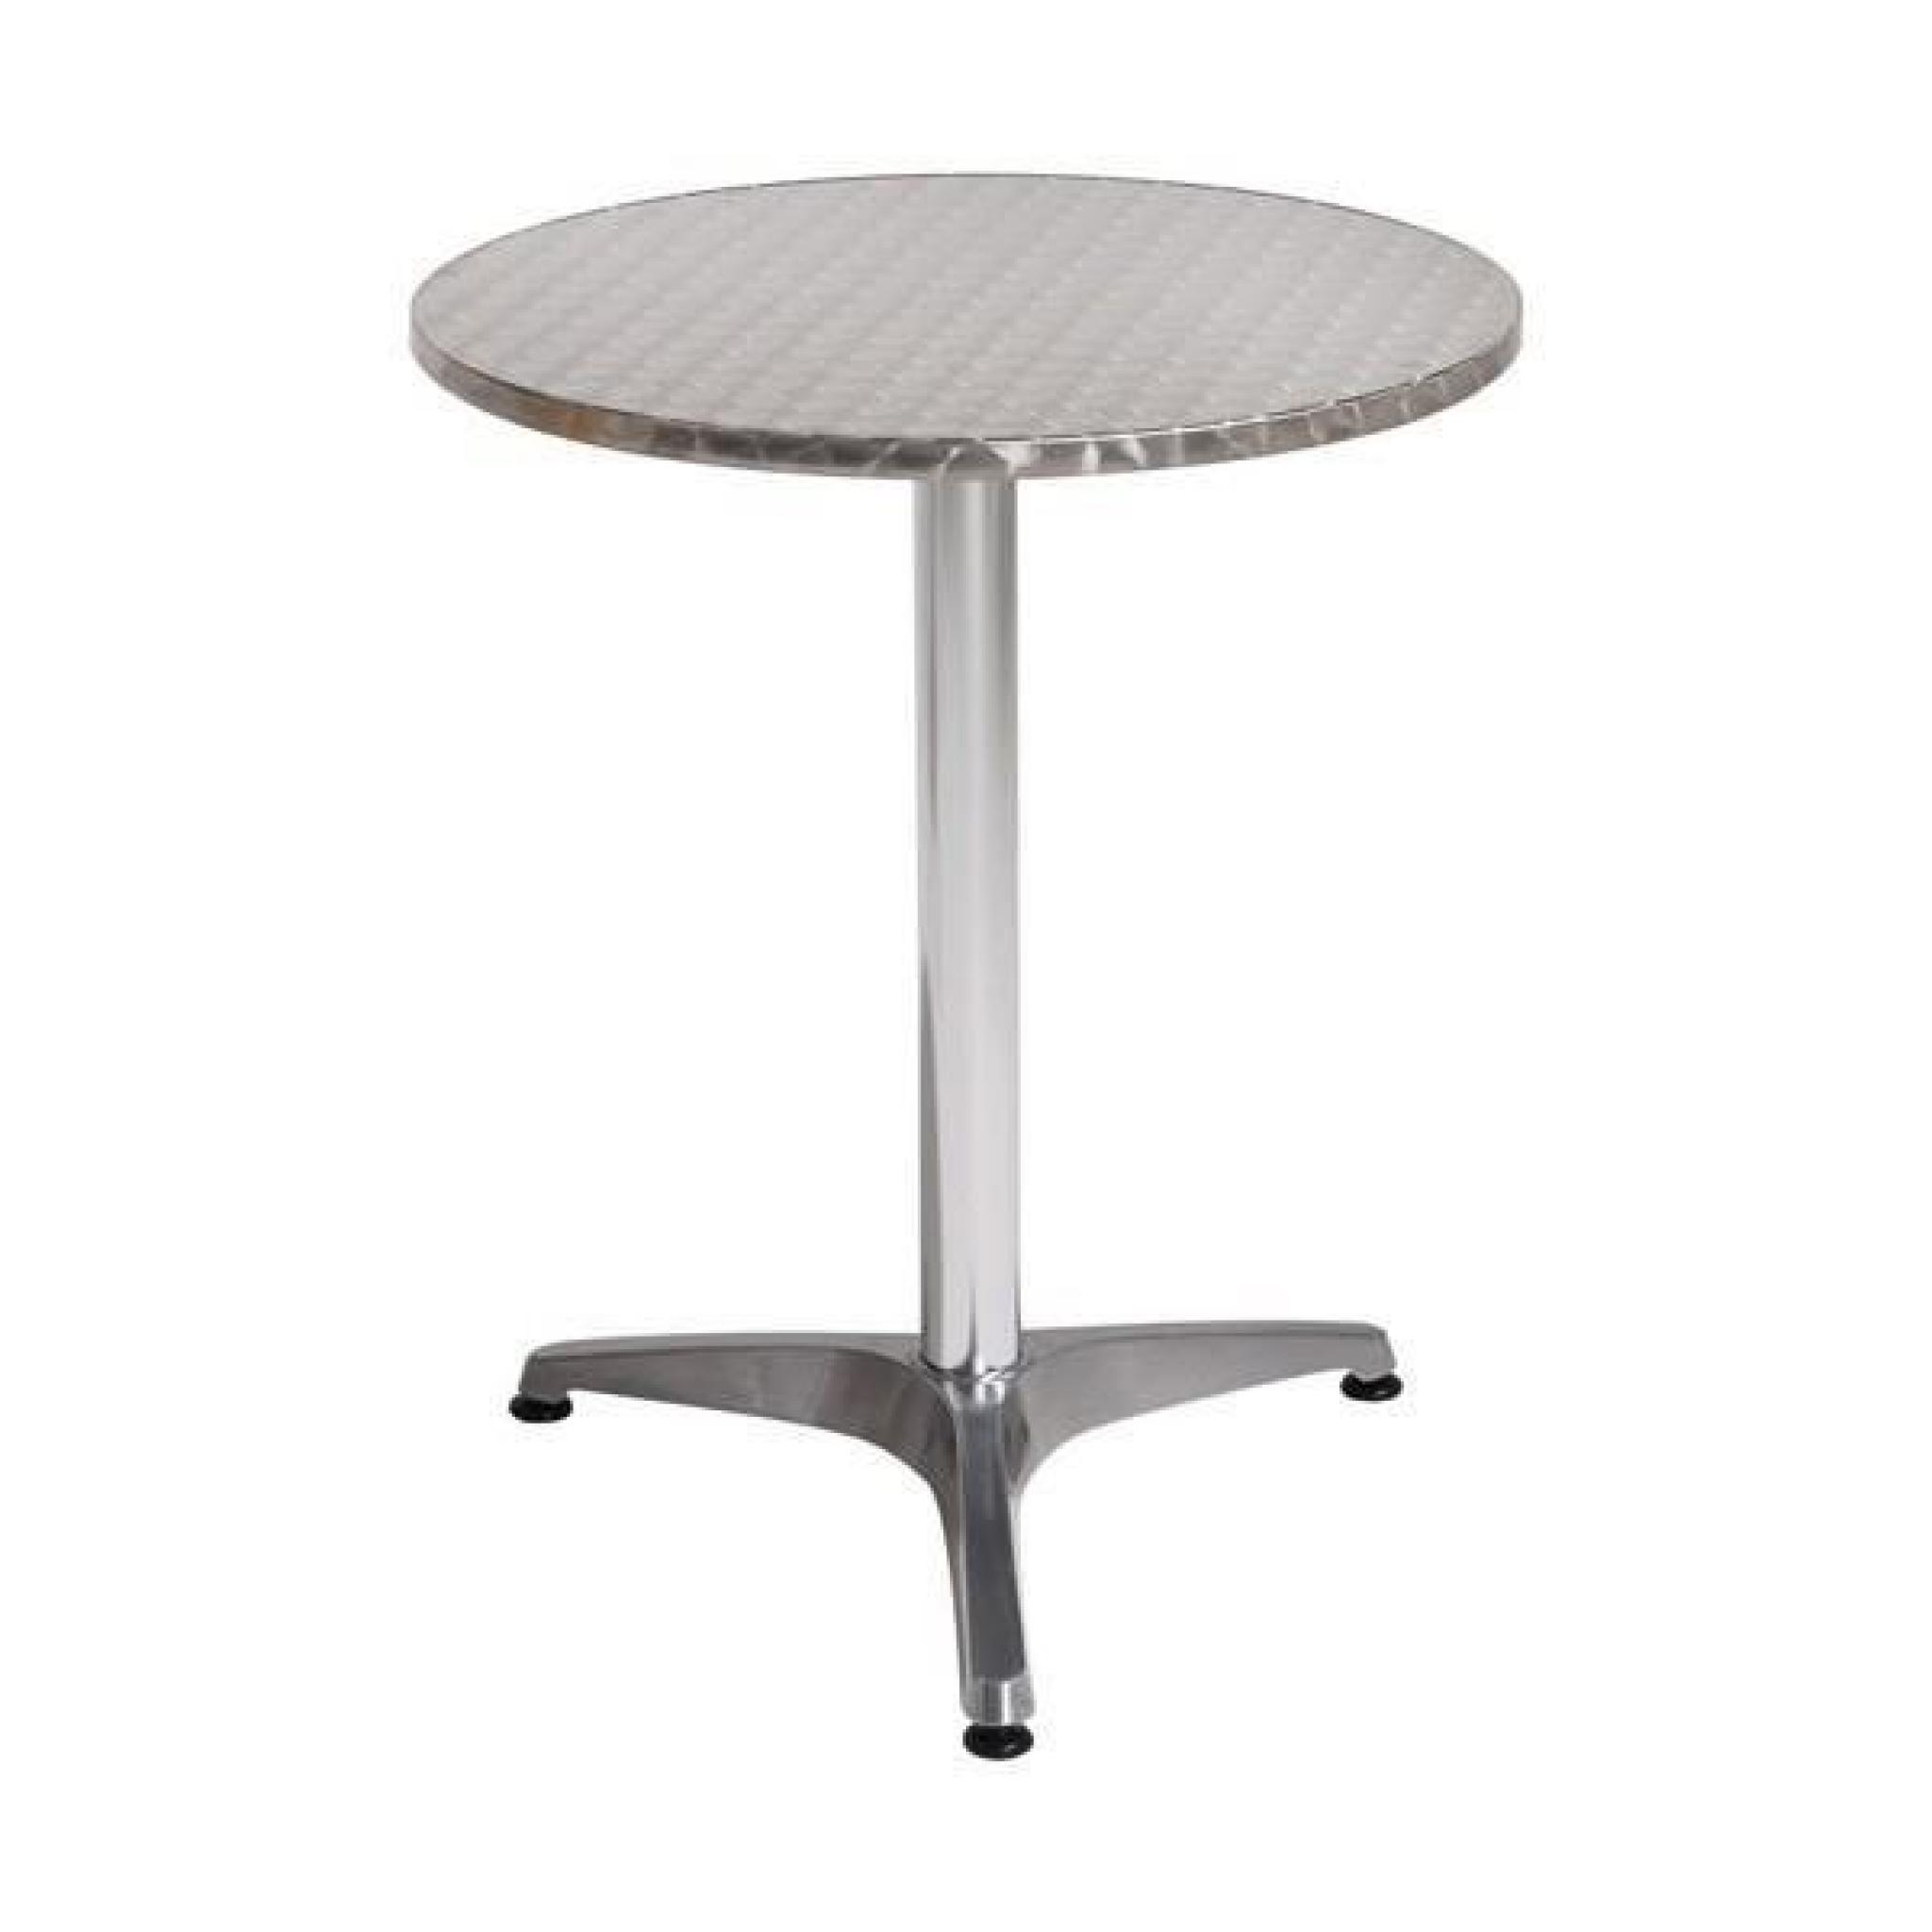 Table bistrot ronde d 60 cm aluminium achat vente - Salon de jardin bistrot pas cher ...